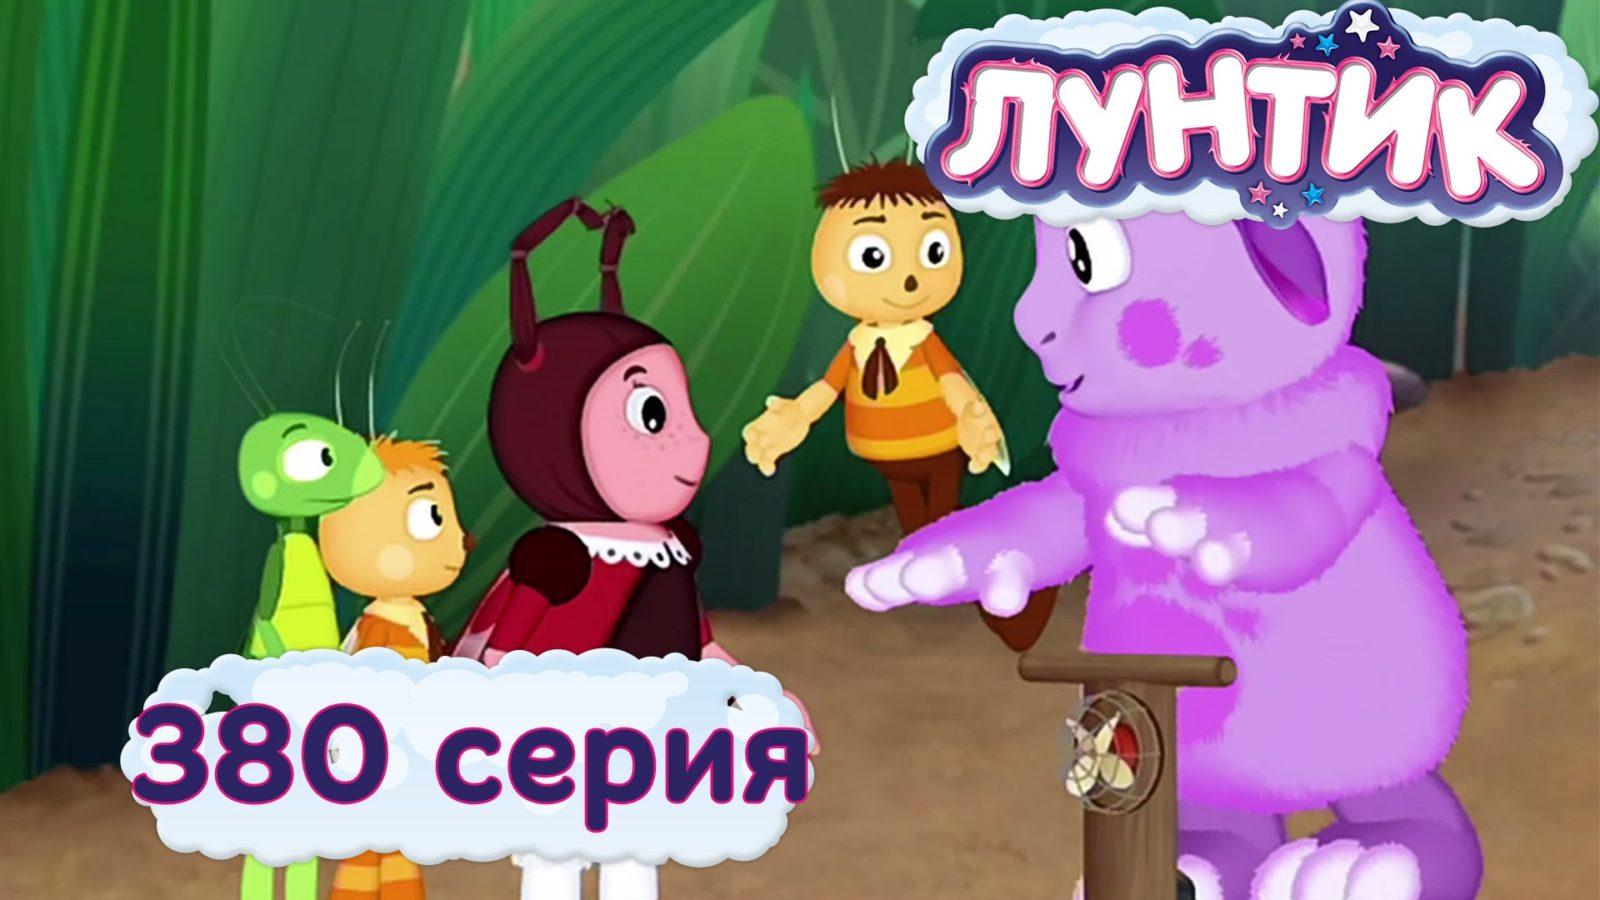 Мультфильм лунтик и его друзья новые серии 2017 года без перерыва